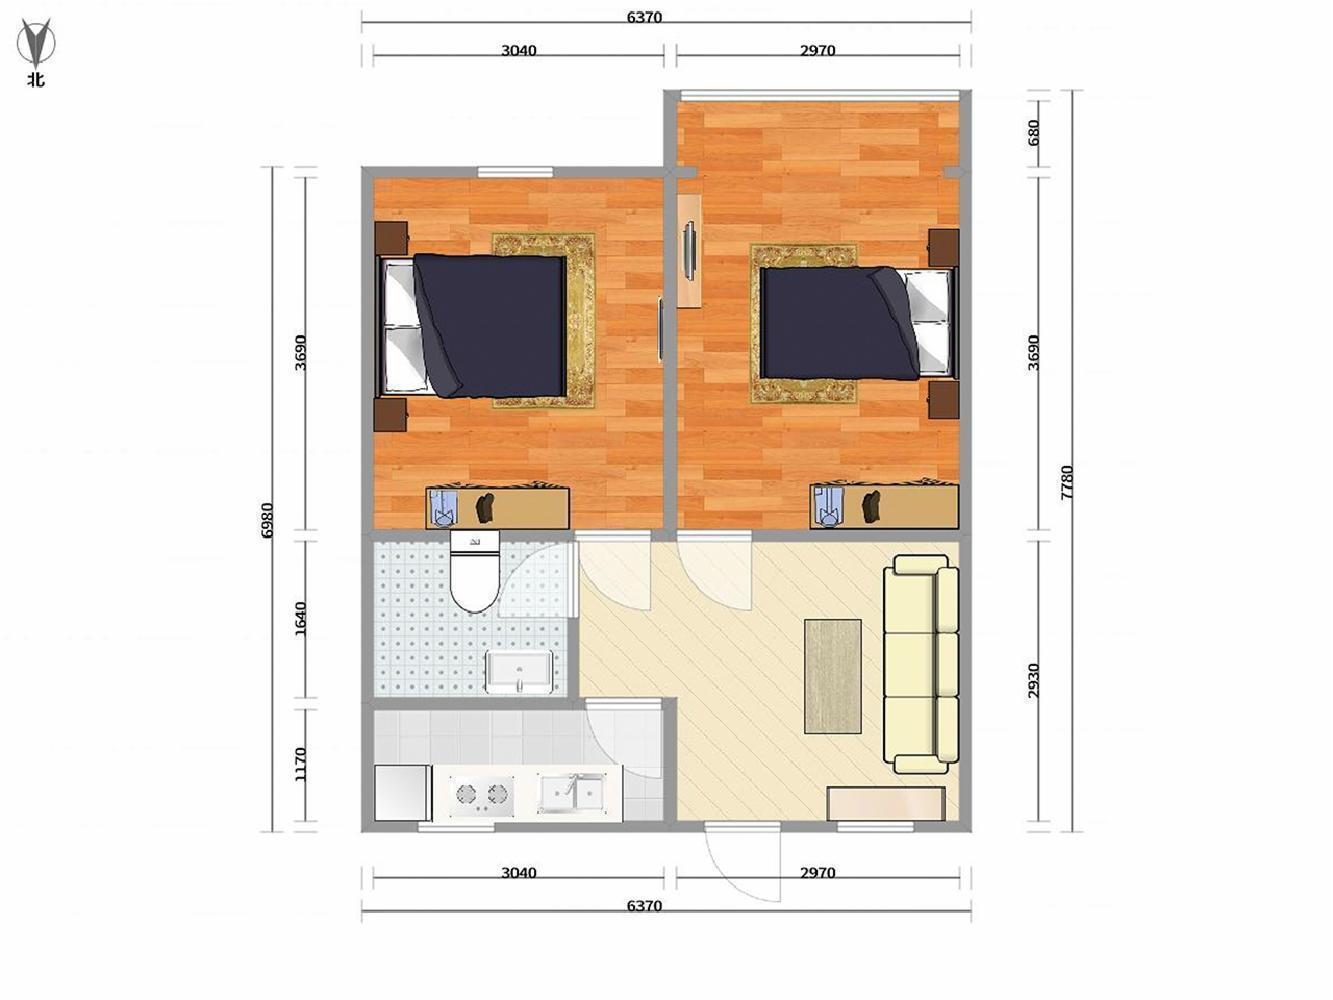 推推99房产网运河大公馆在售新房房源图片